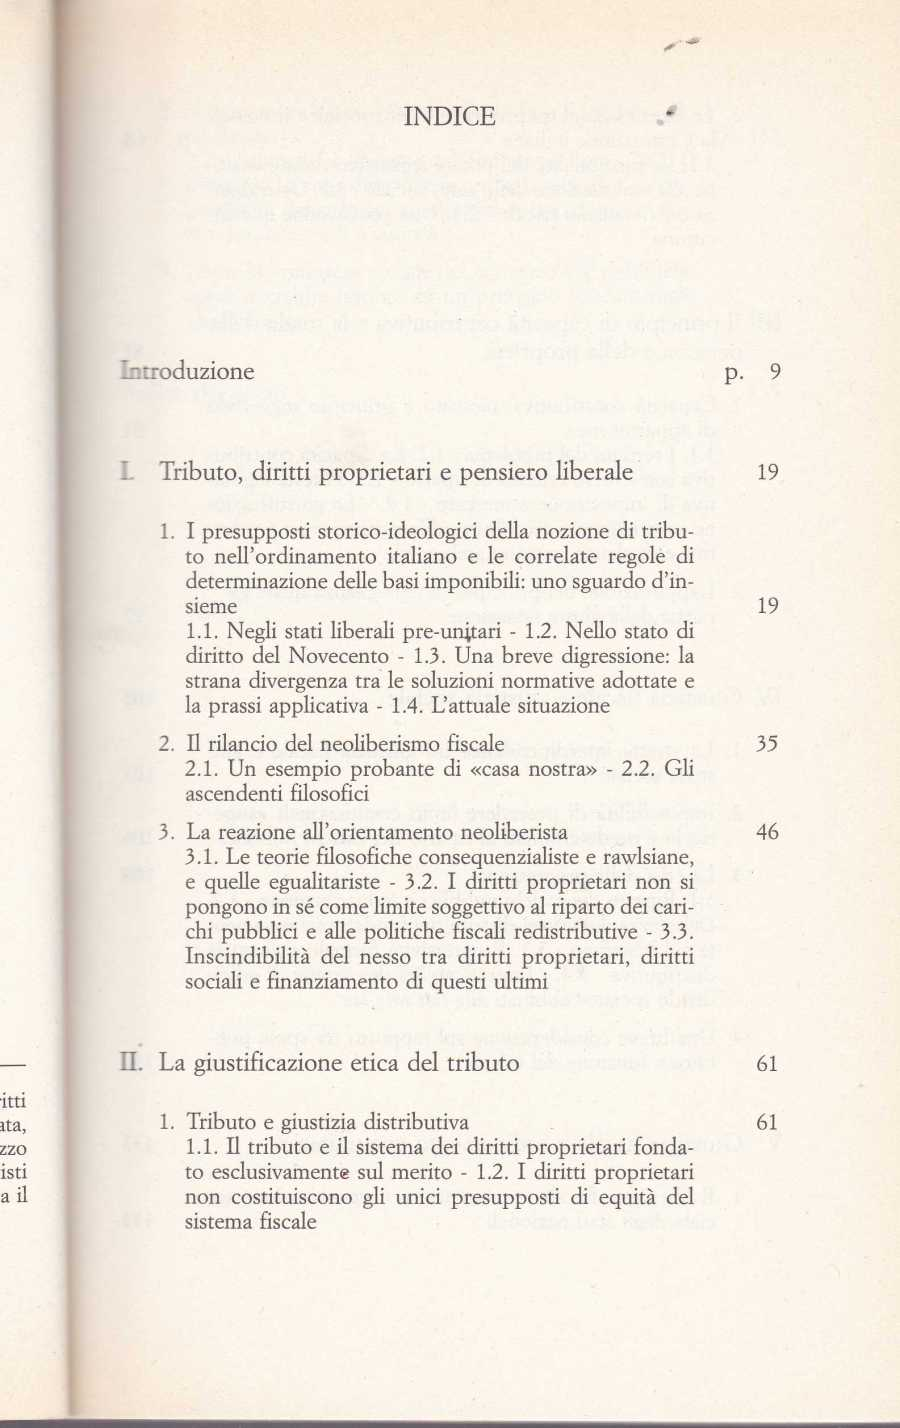 GALLO FISCO3203